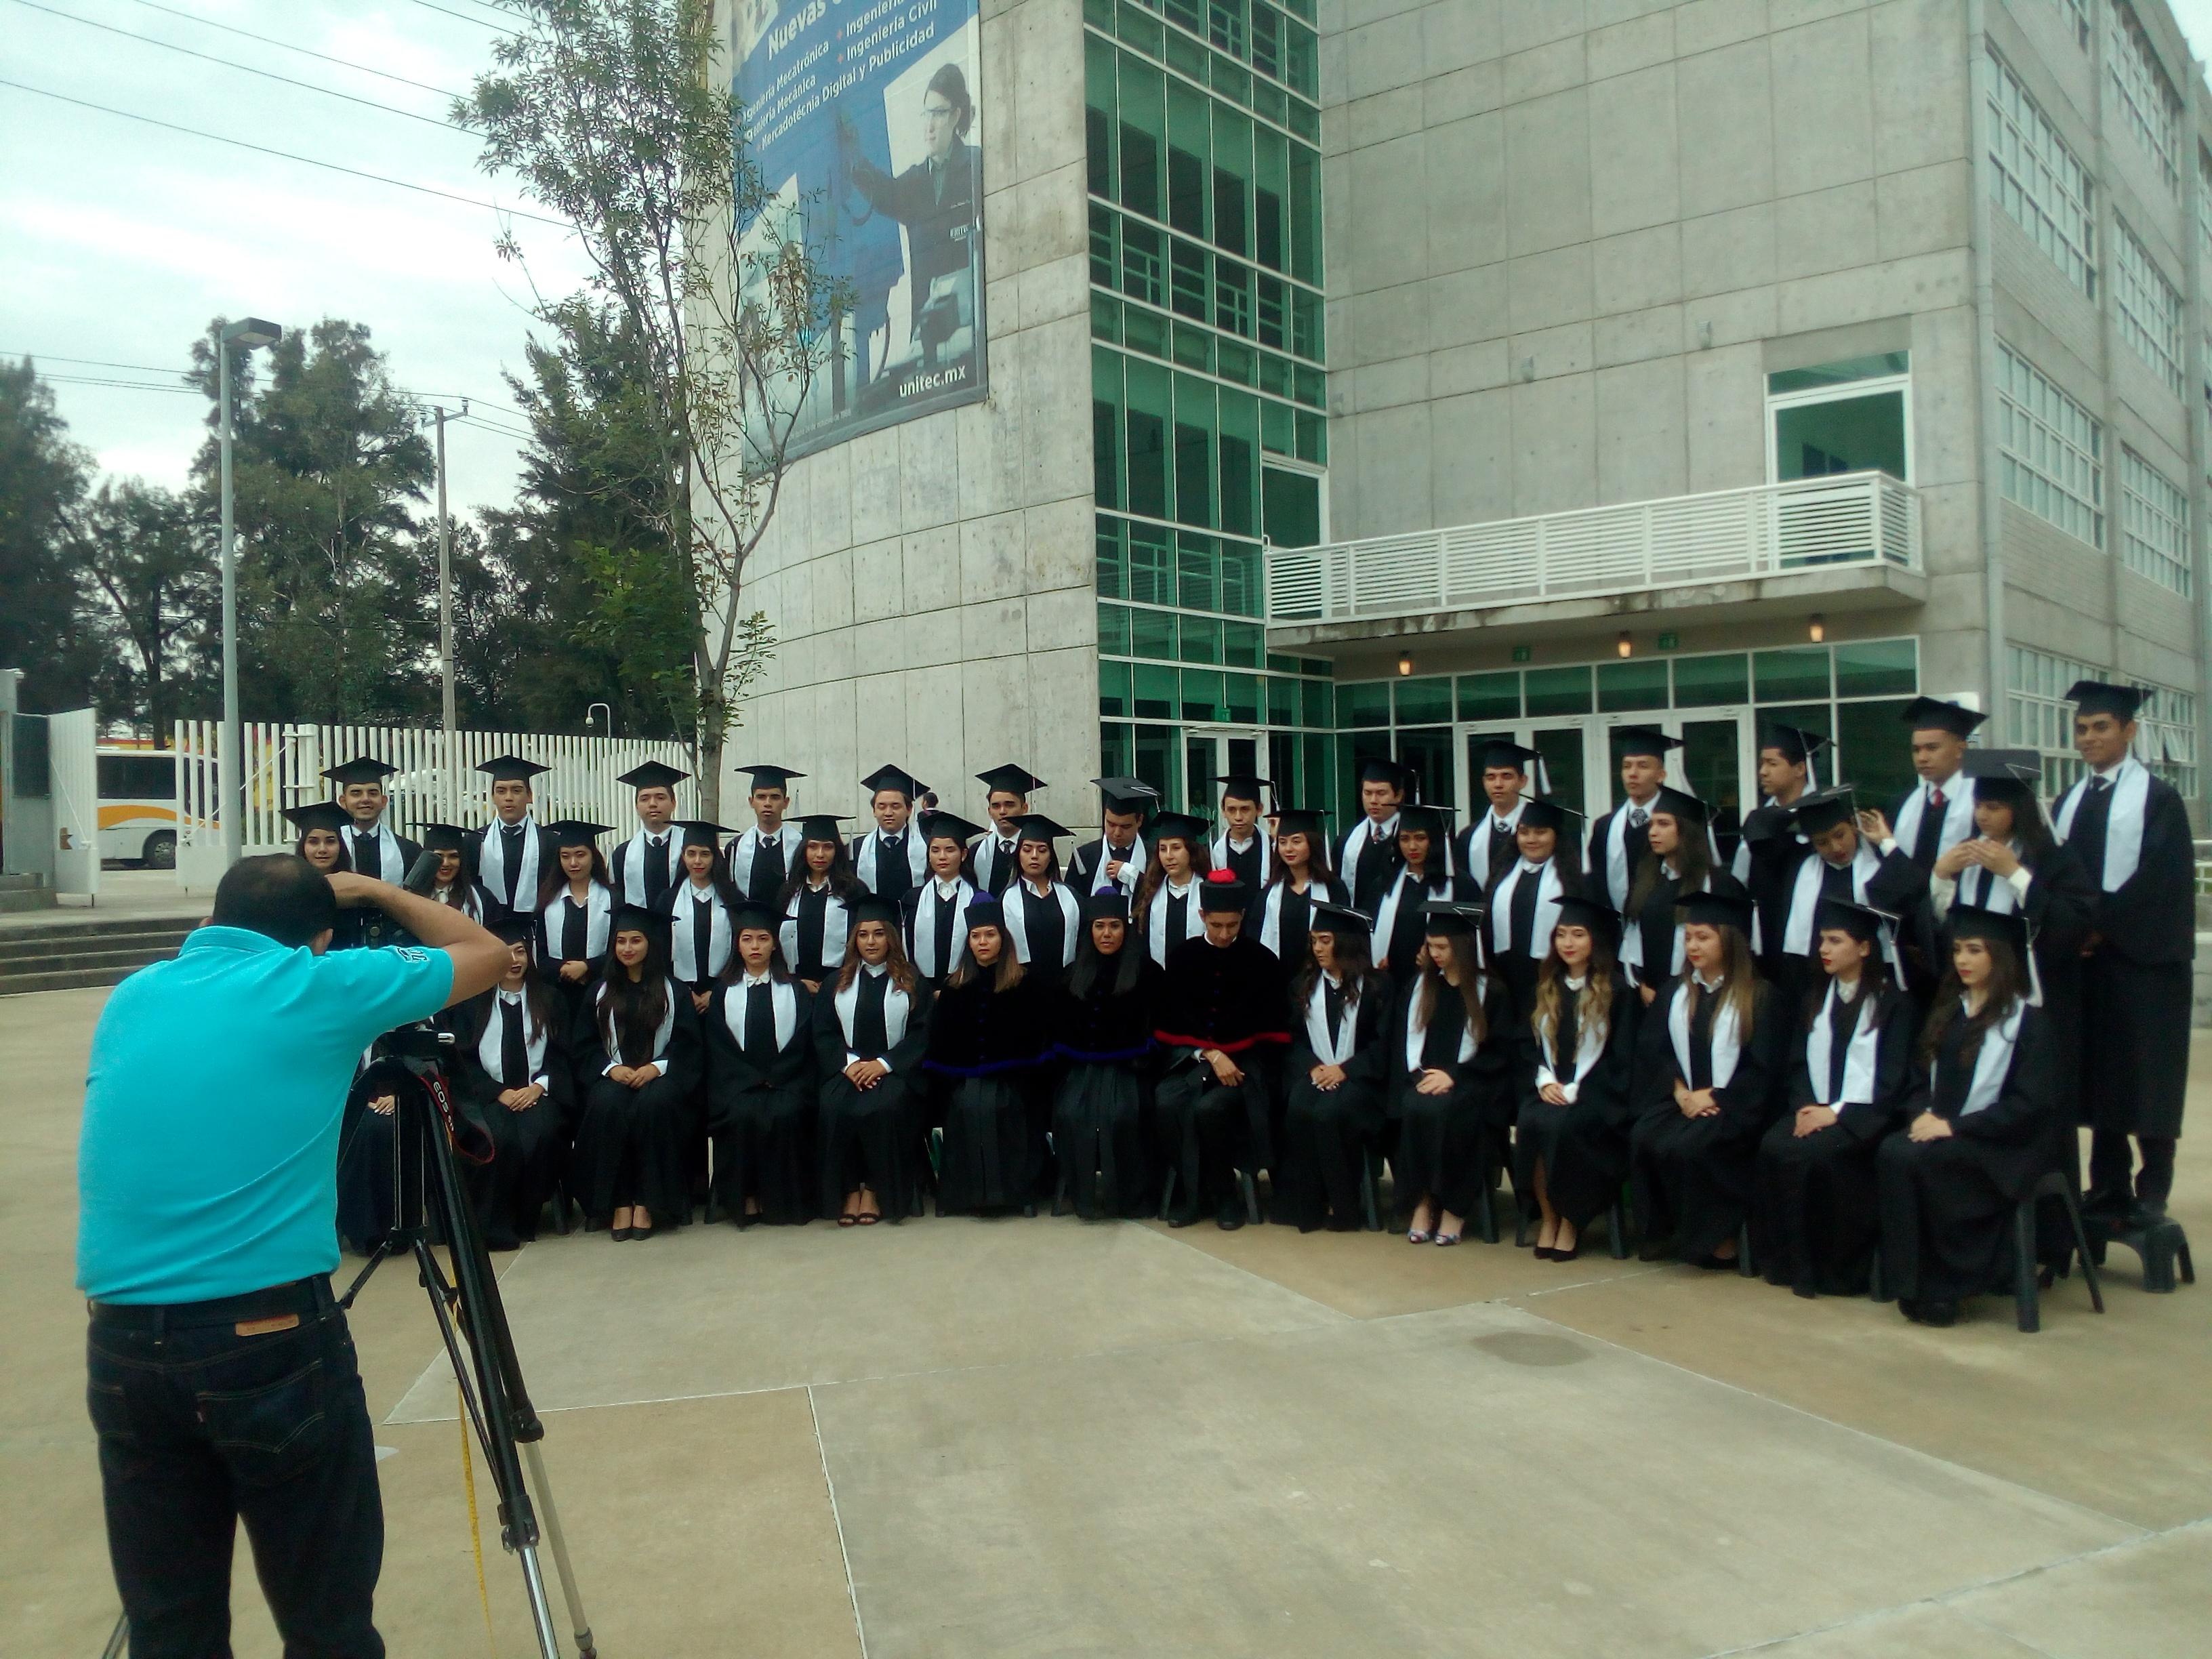 1ª. generación de prepa Campus Guadalajara se toma la foto oficial - Featured Image